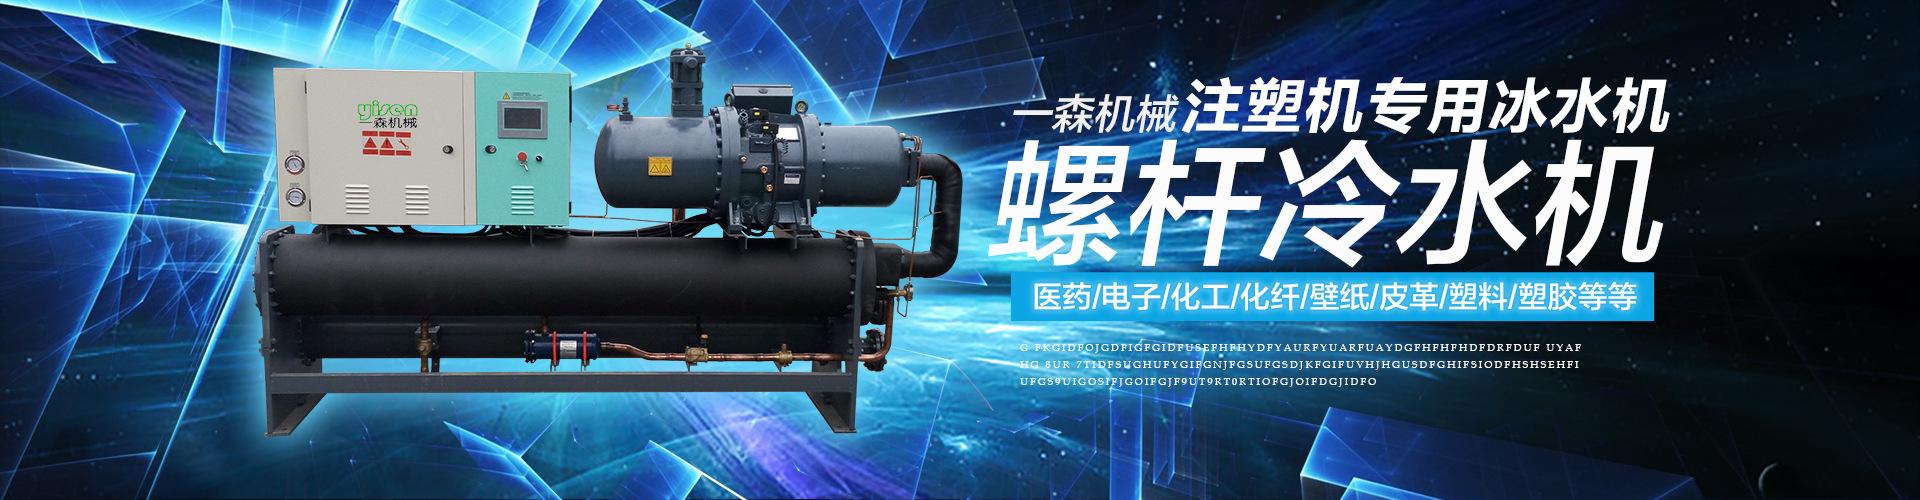 YSL系列水冷螺杆式冷水机组厂家直销-报价